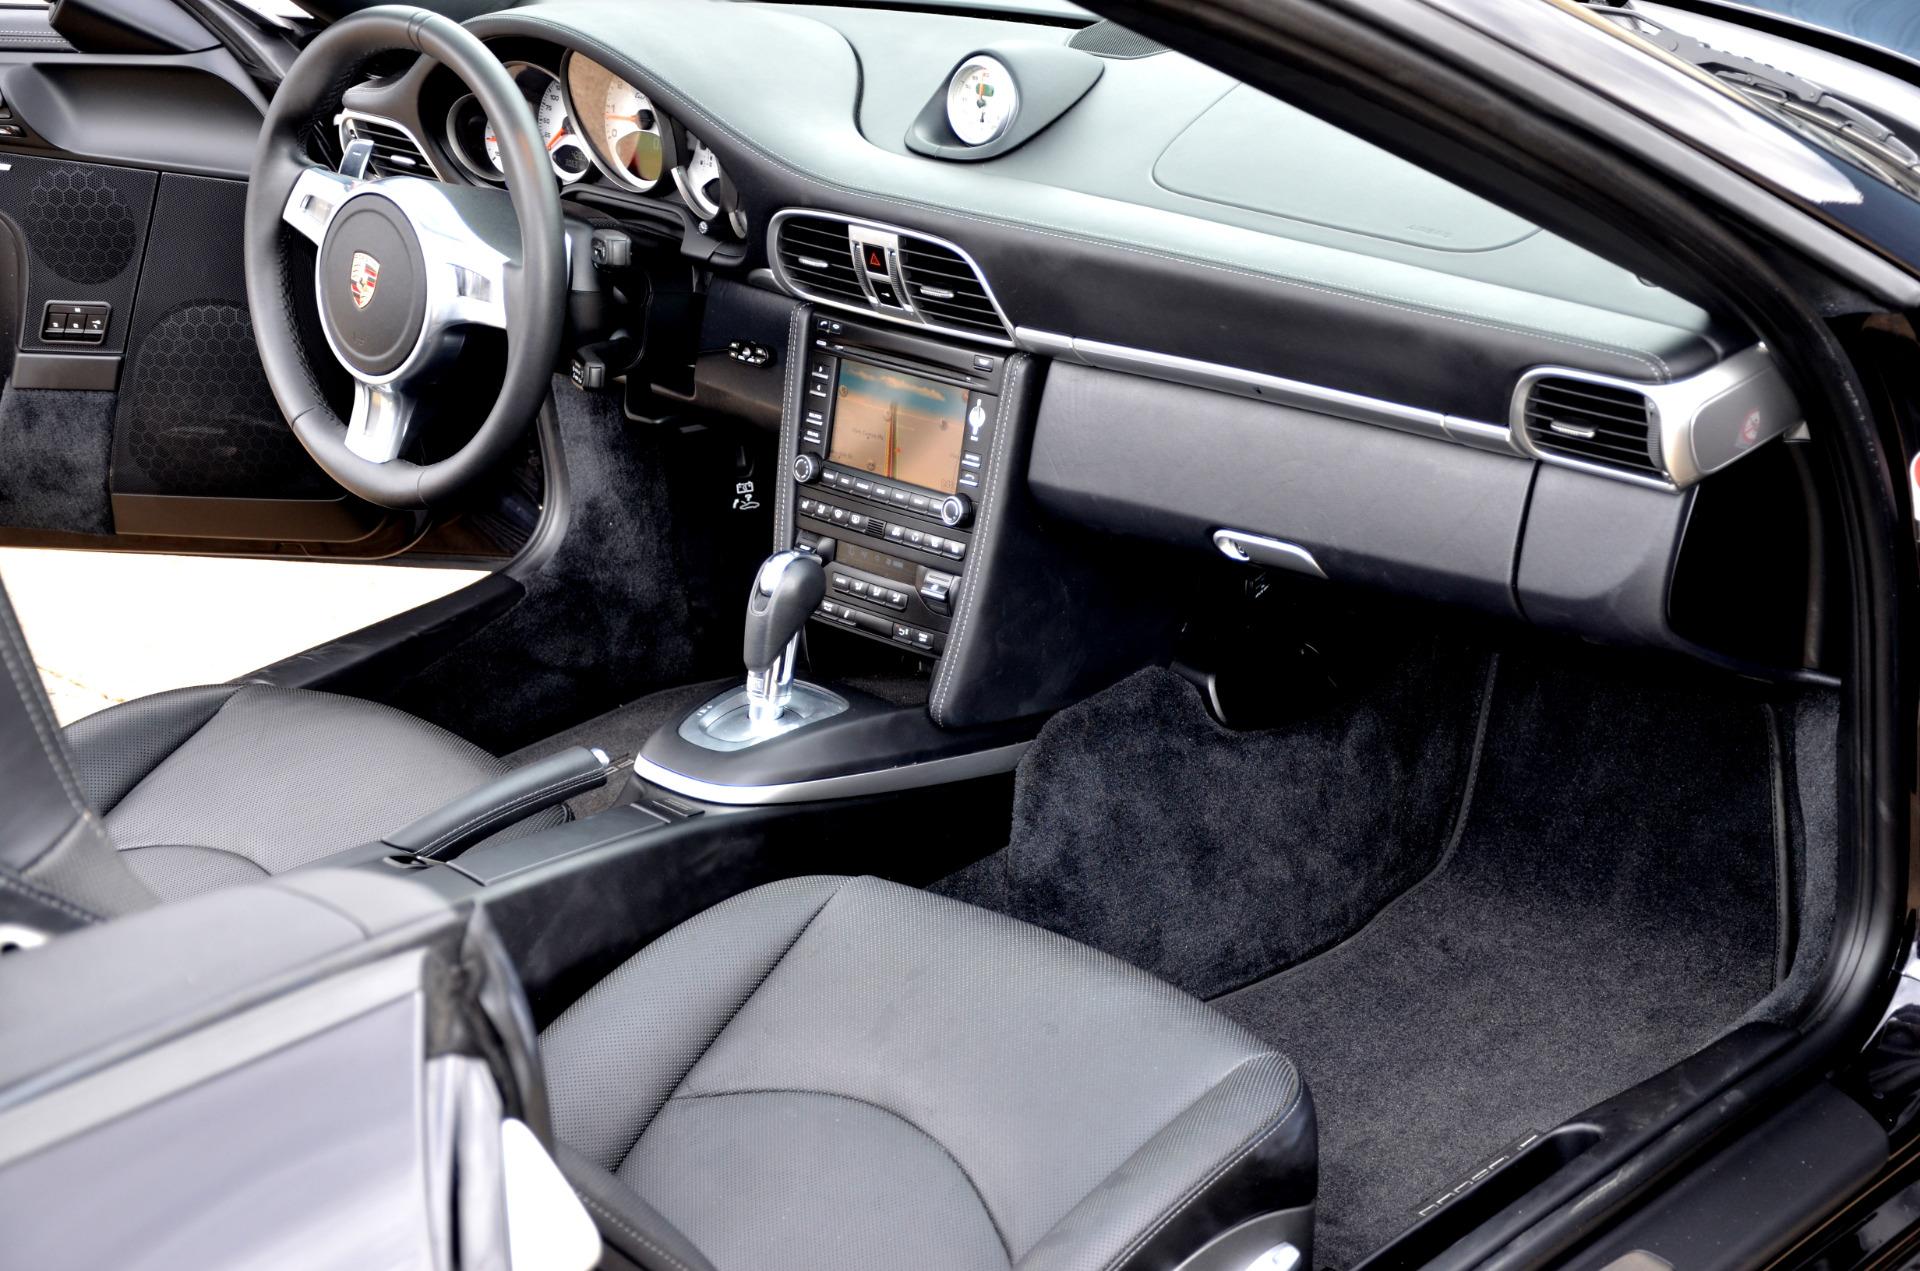 Used 2011 Porsche 911 Turbo S | Dallas, TX